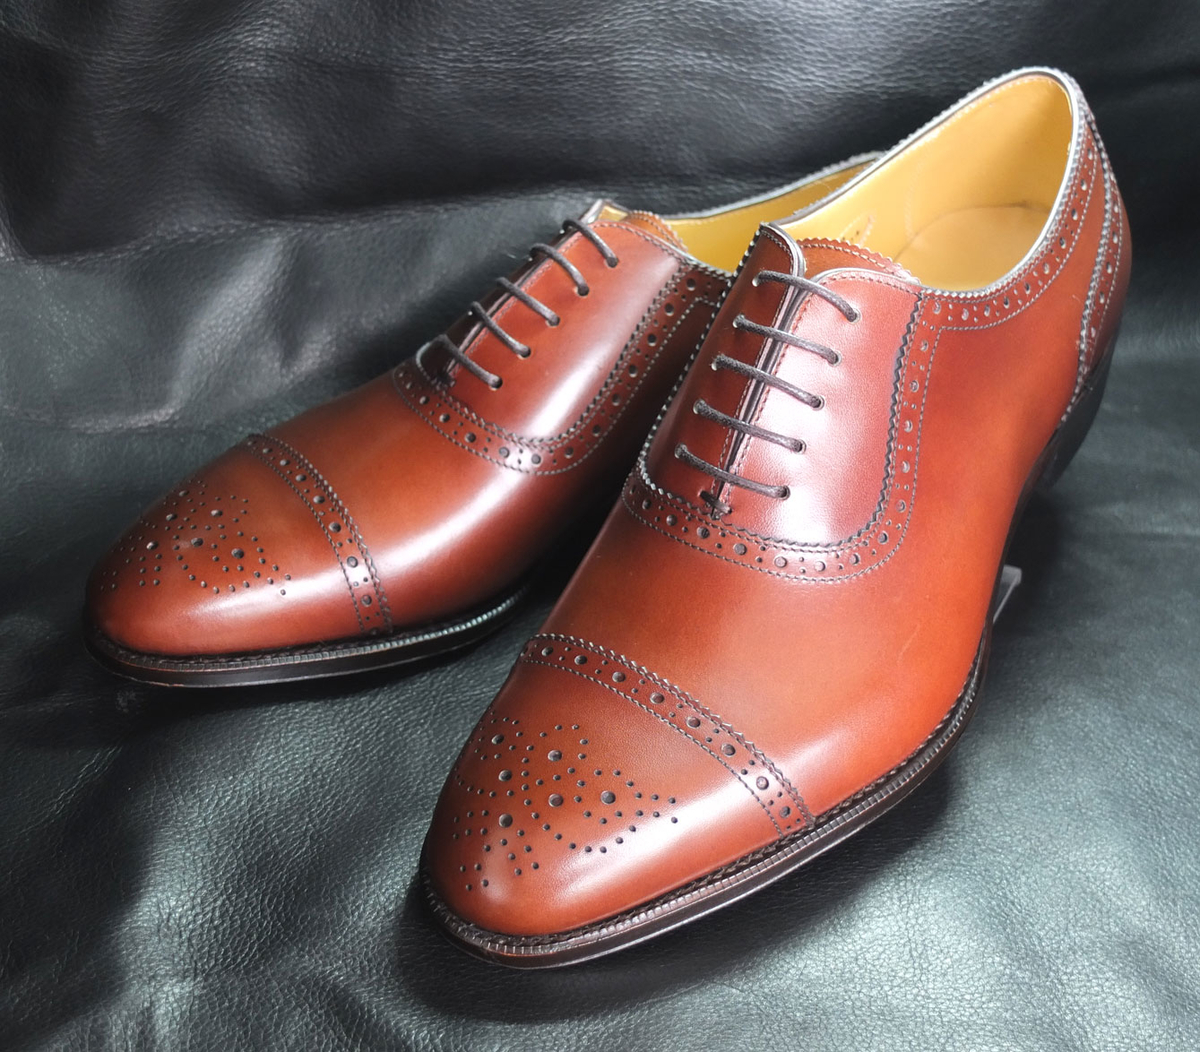 f:id:raymar-shoes:20190407002103j:plain